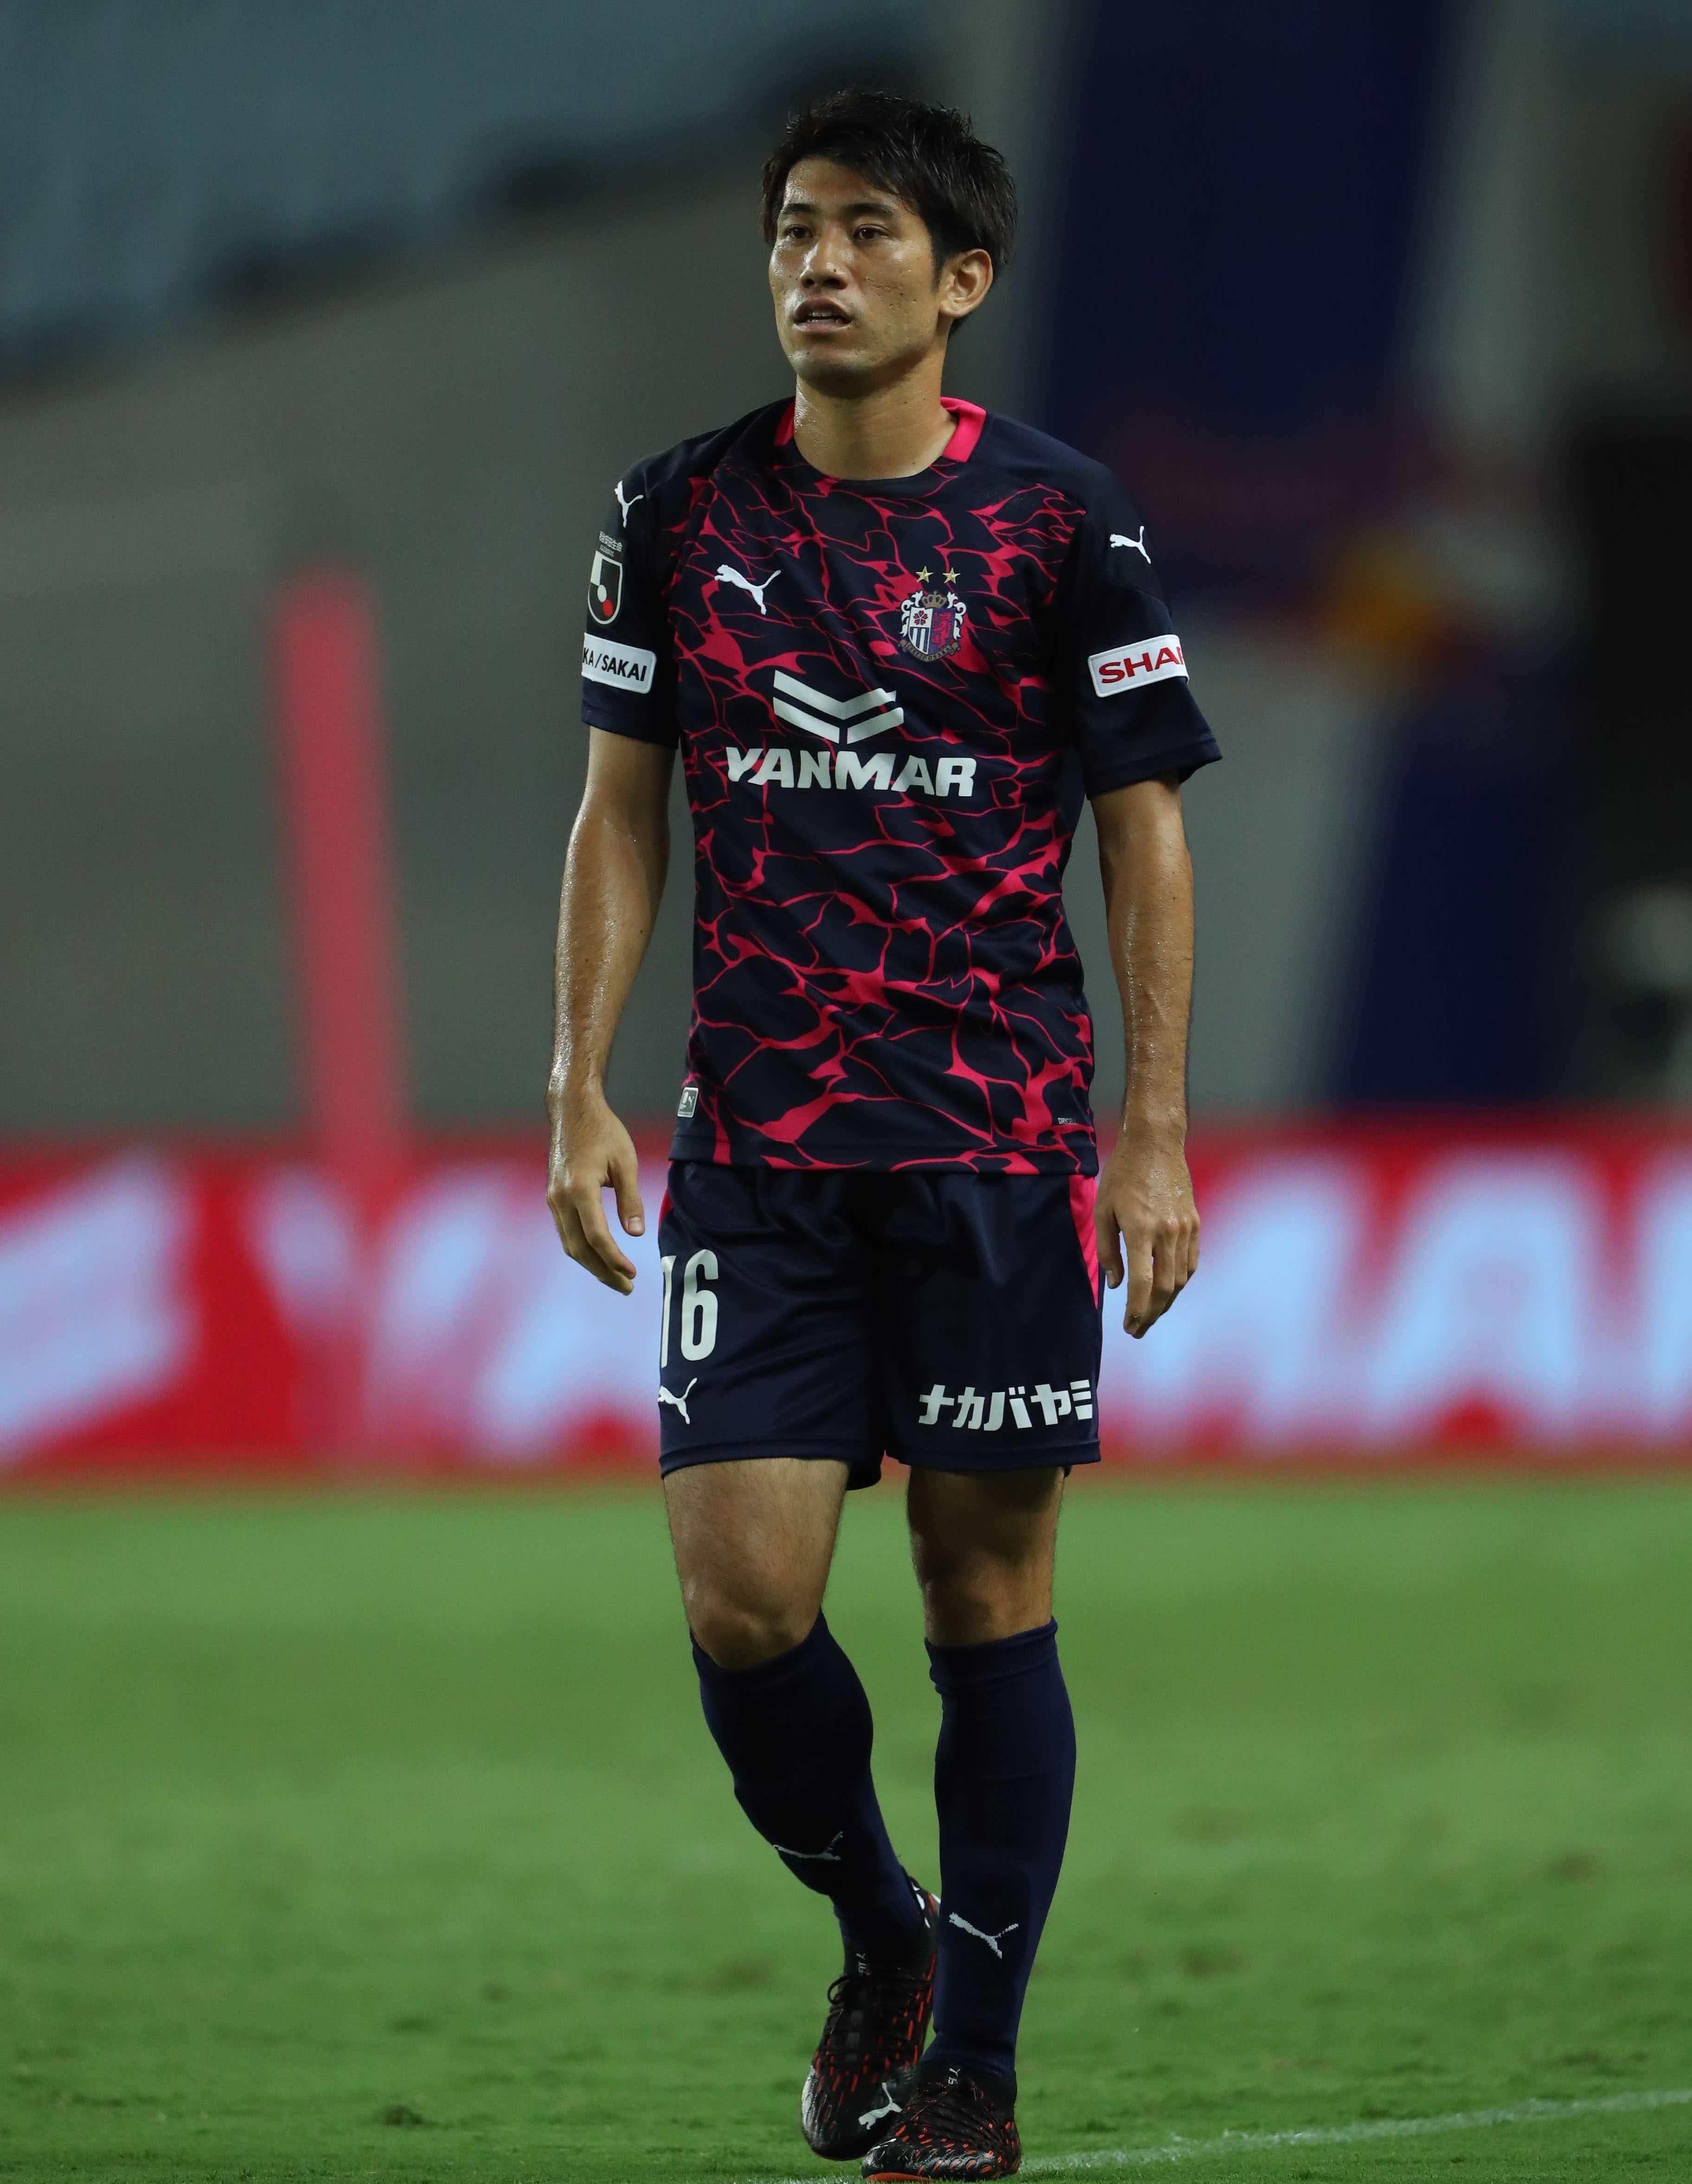 【本人直筆サイン入り公式】セレッソ大阪2020限定ユニフォーム 16 片山瑛一 選手